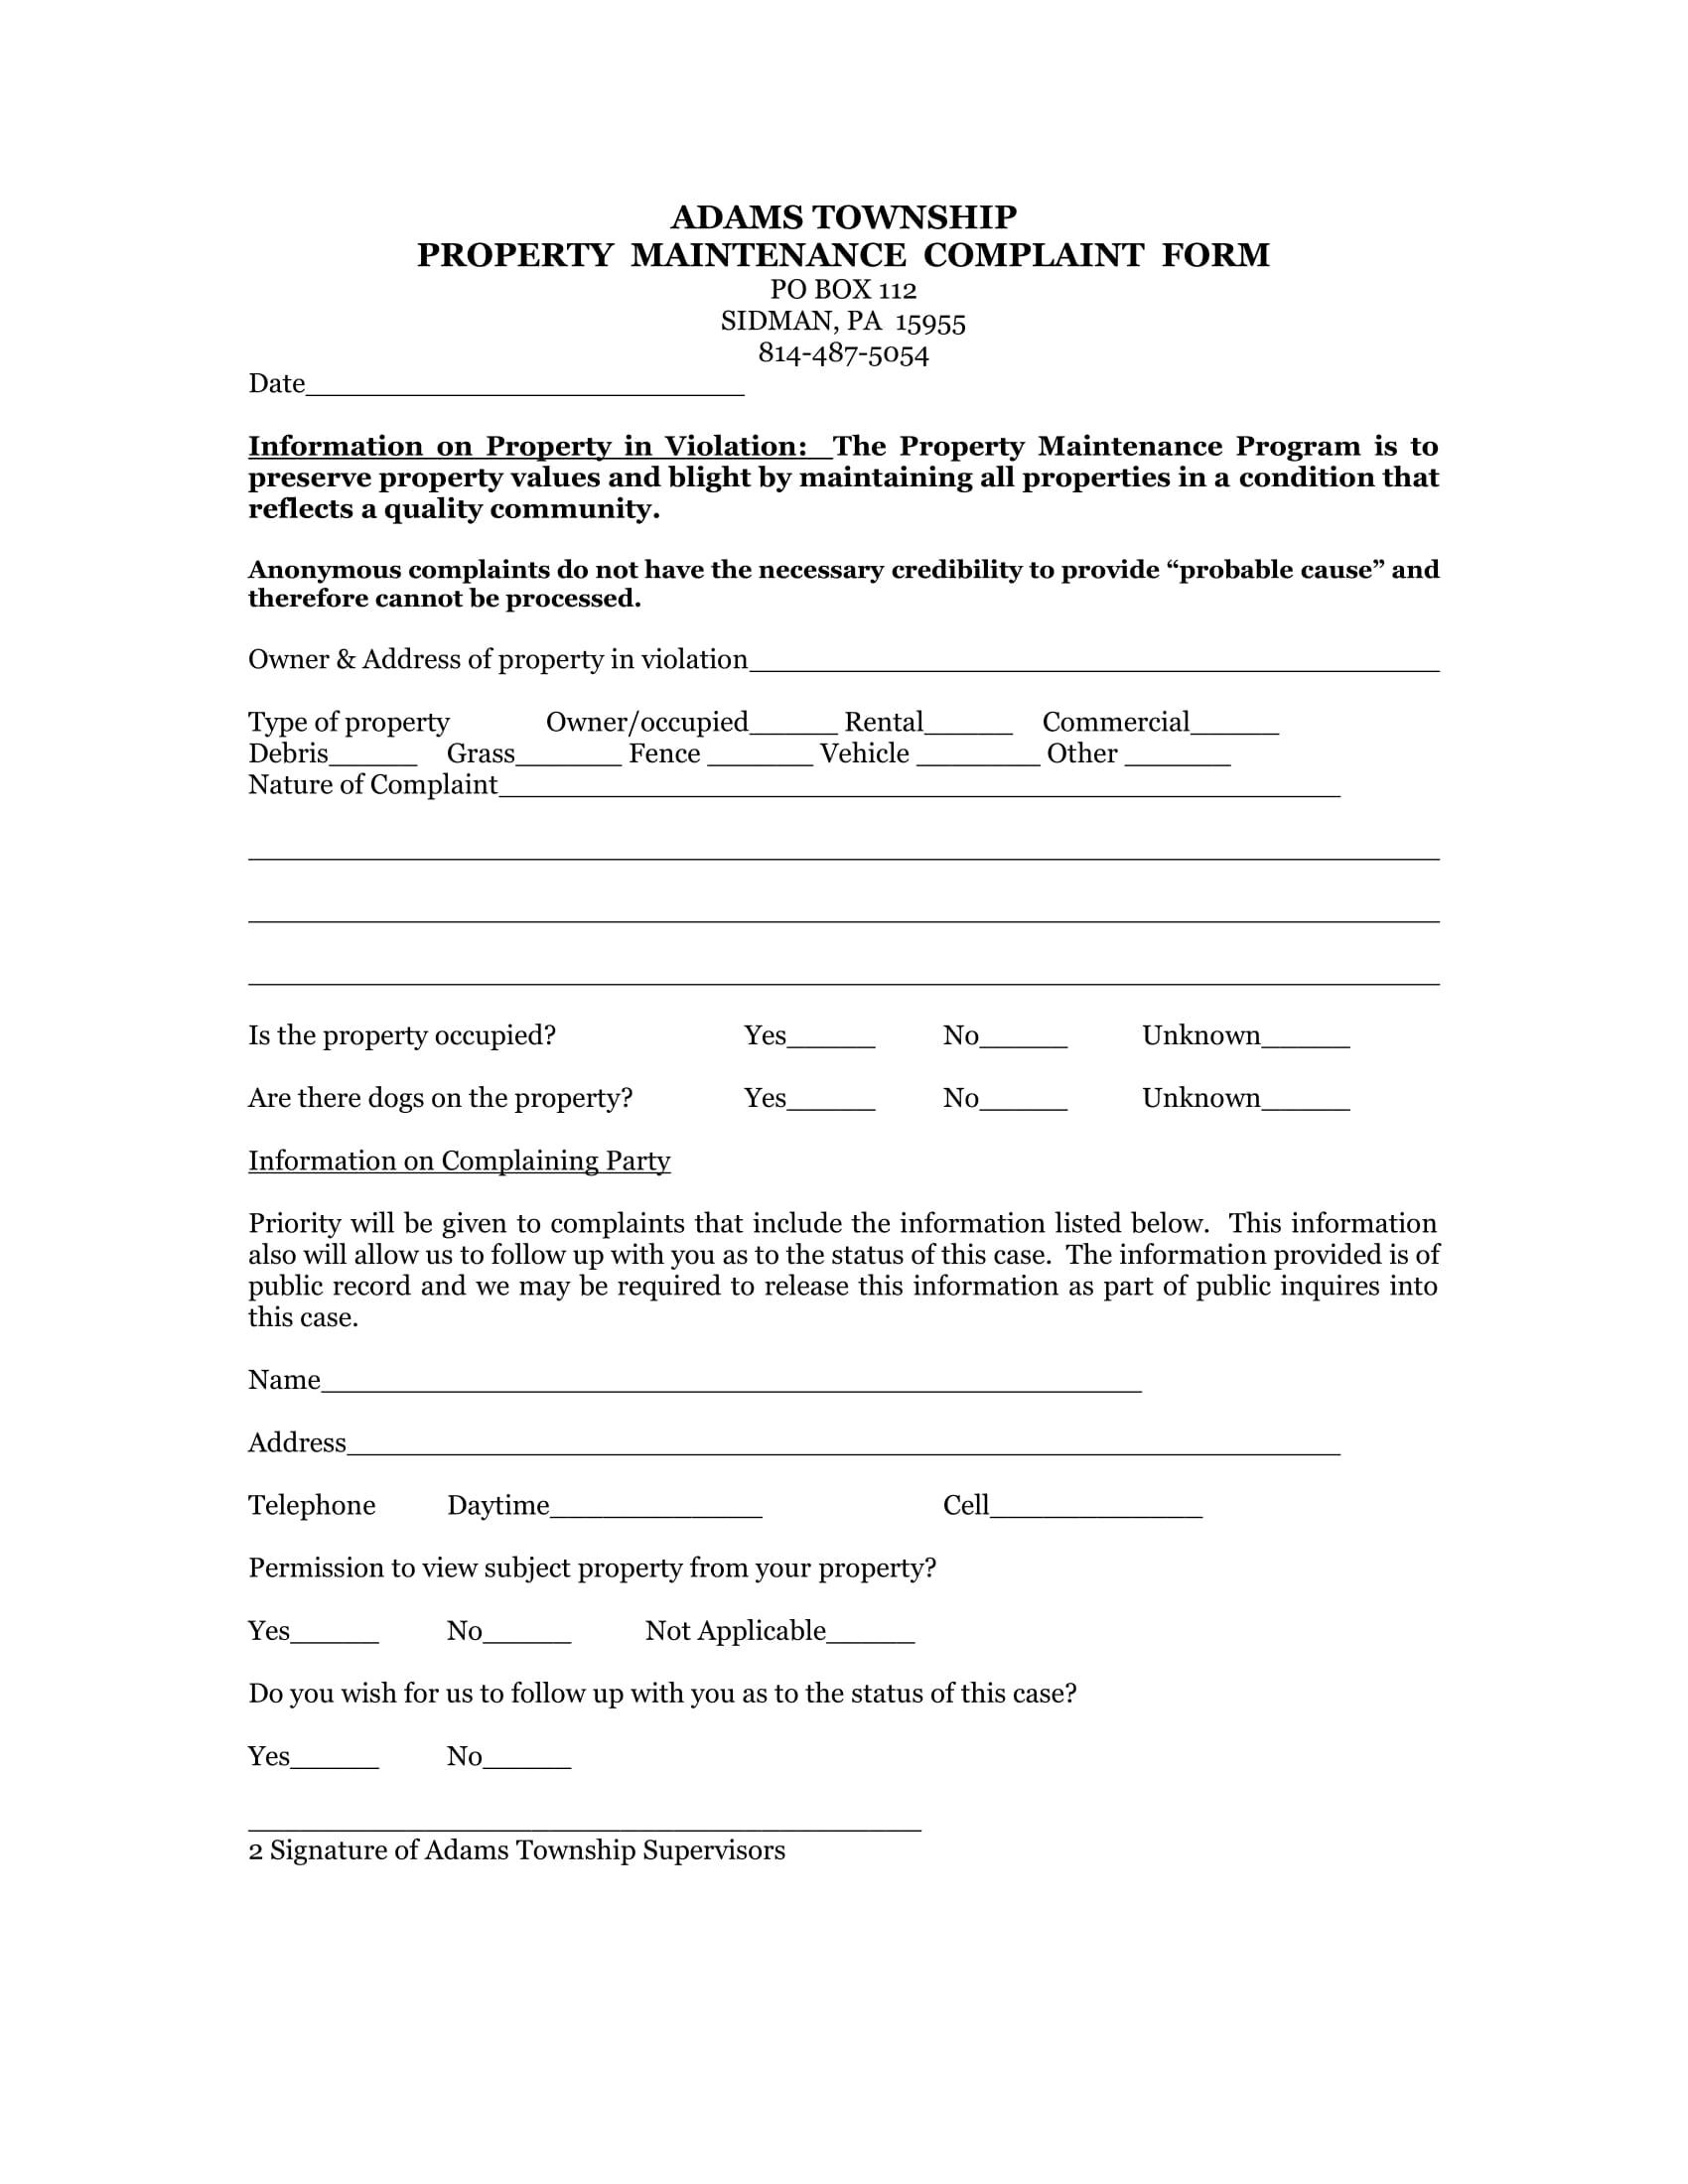 property maintenance complaint form 1